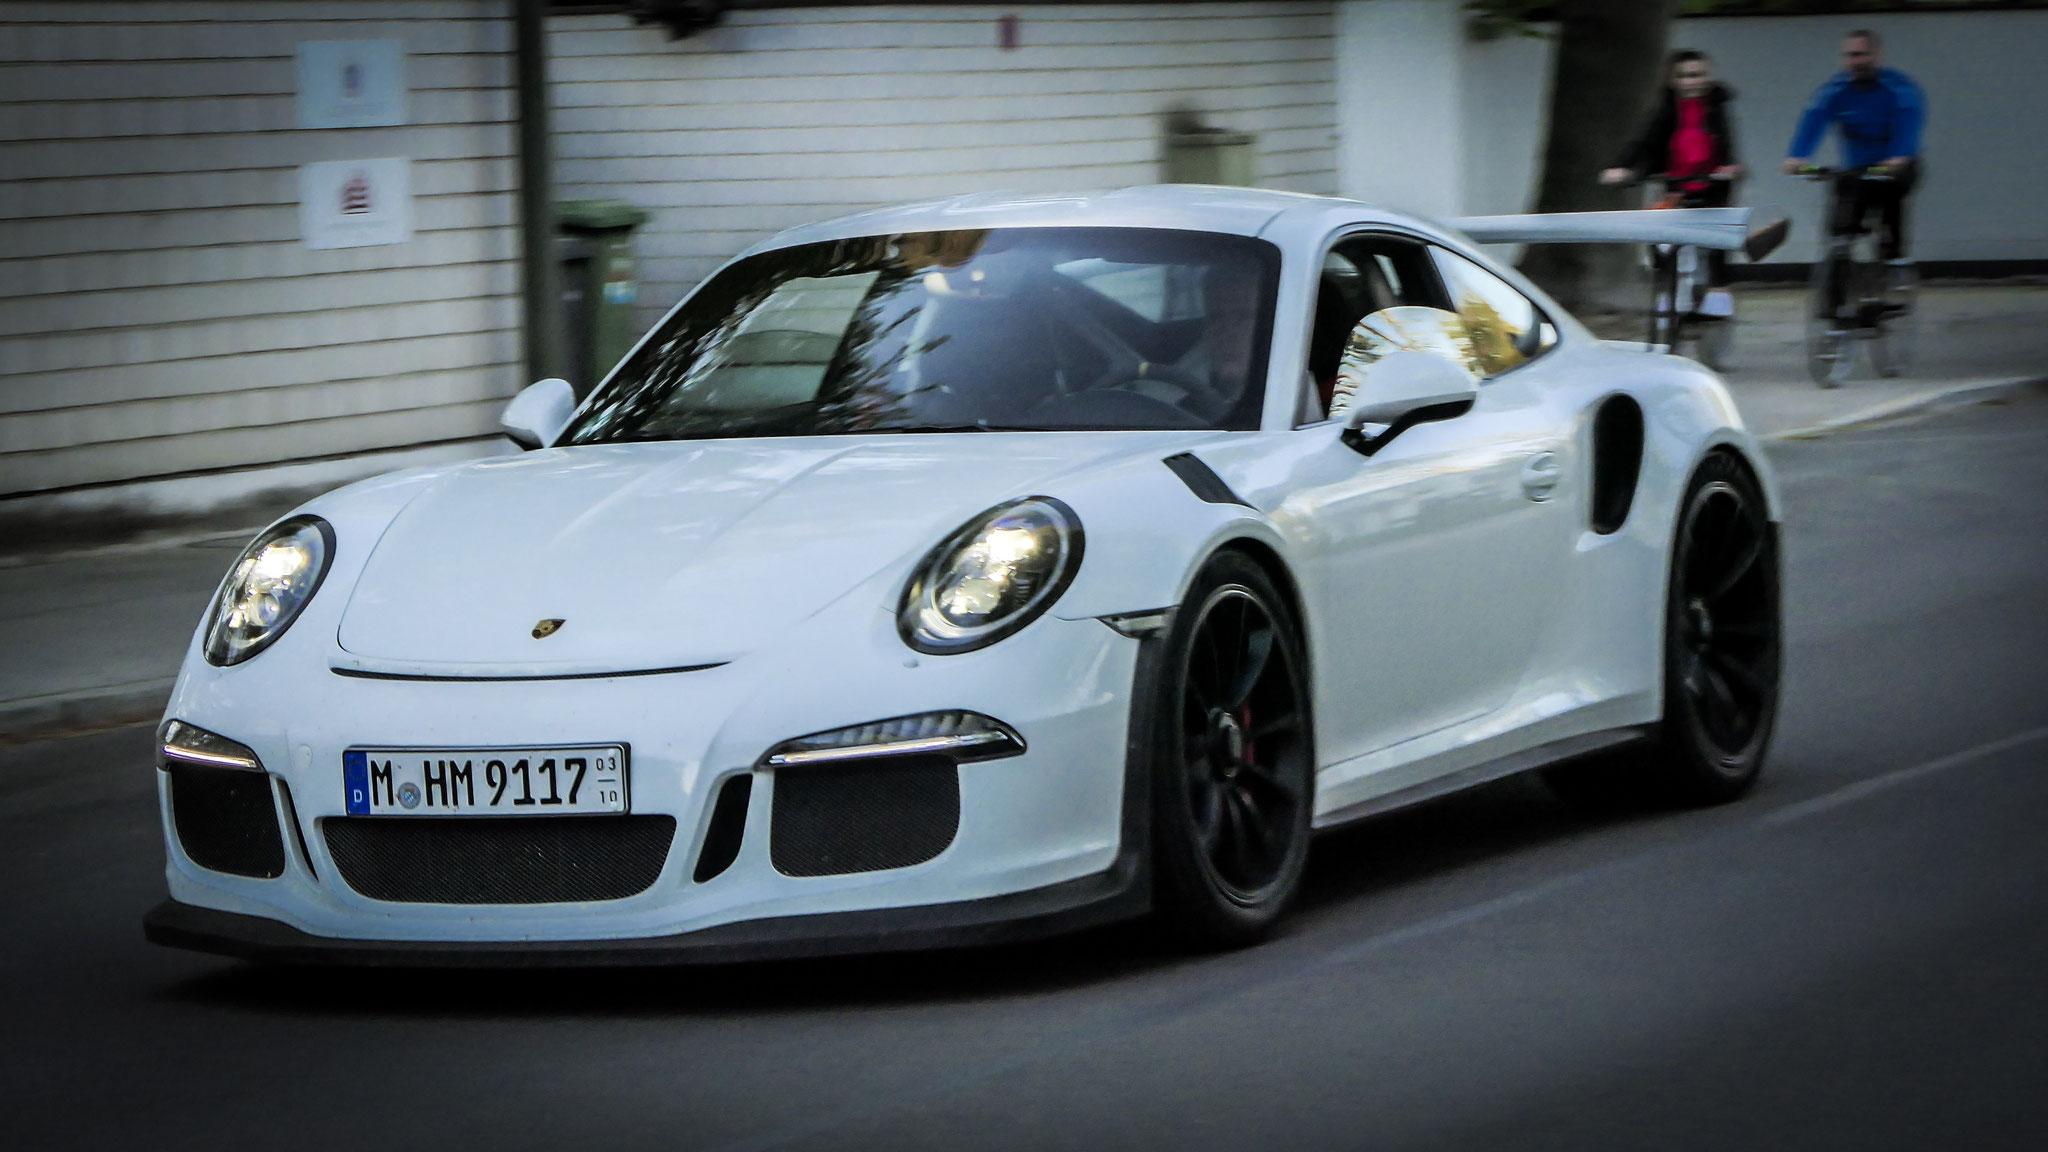 Porsche 911 GT3 RS - M-HM-9117